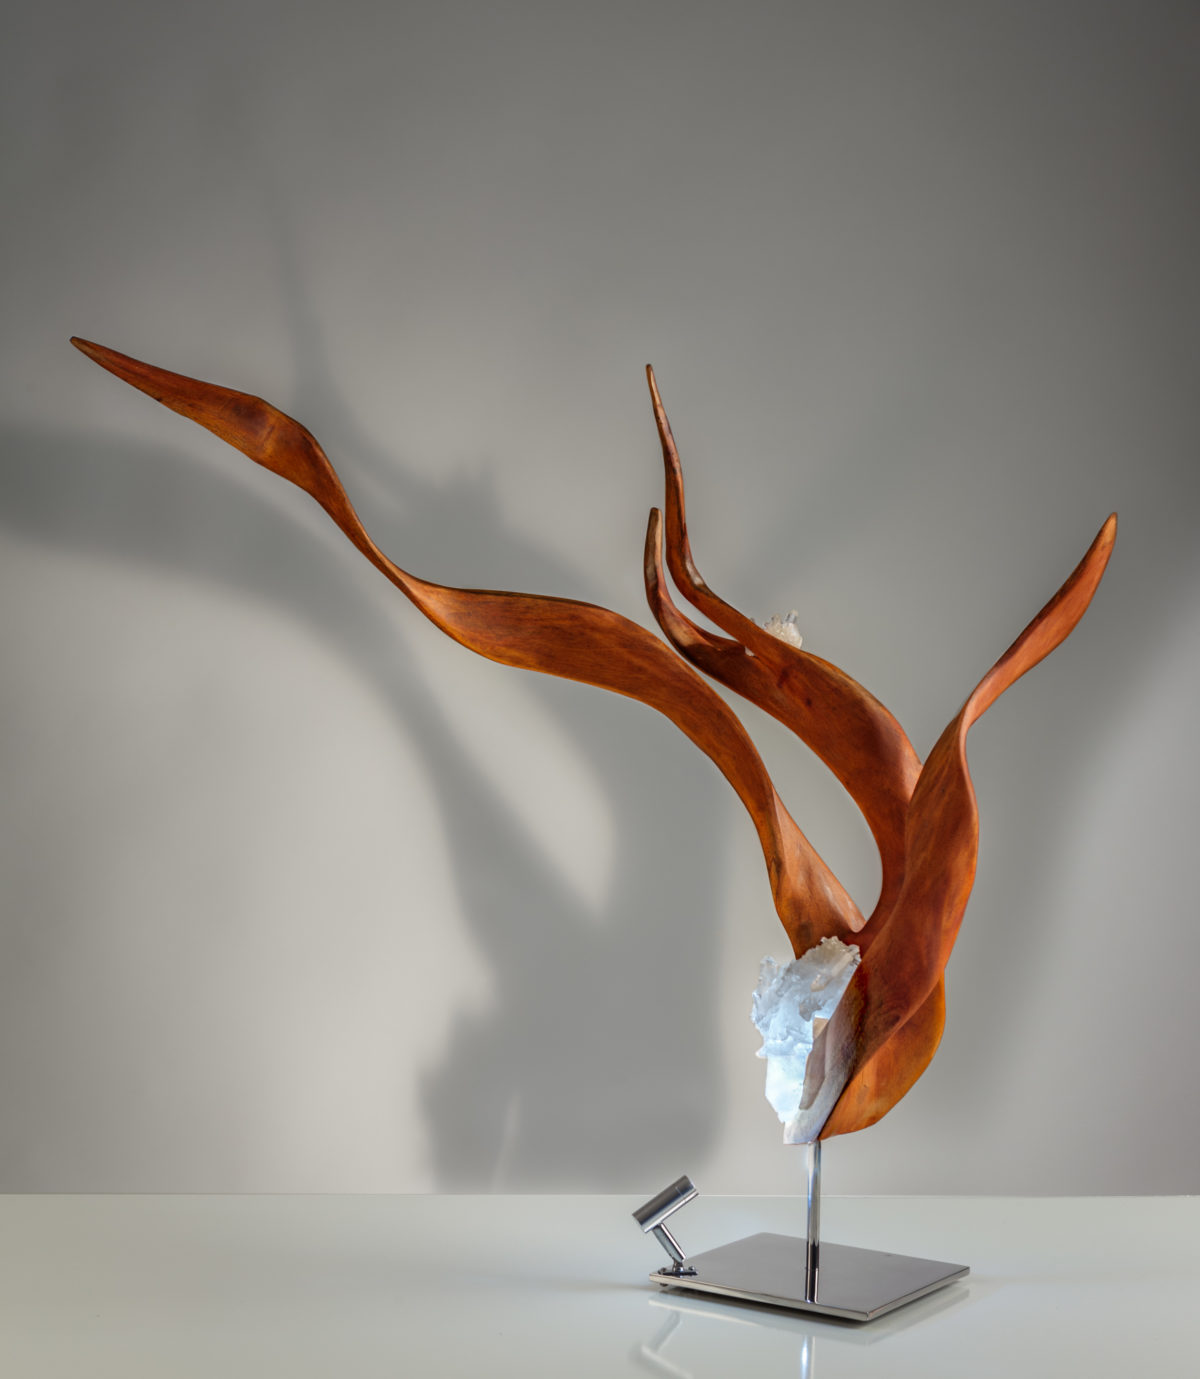 Serene Ascent by sculptor Dorit Schwartz (29x30x16 inches)